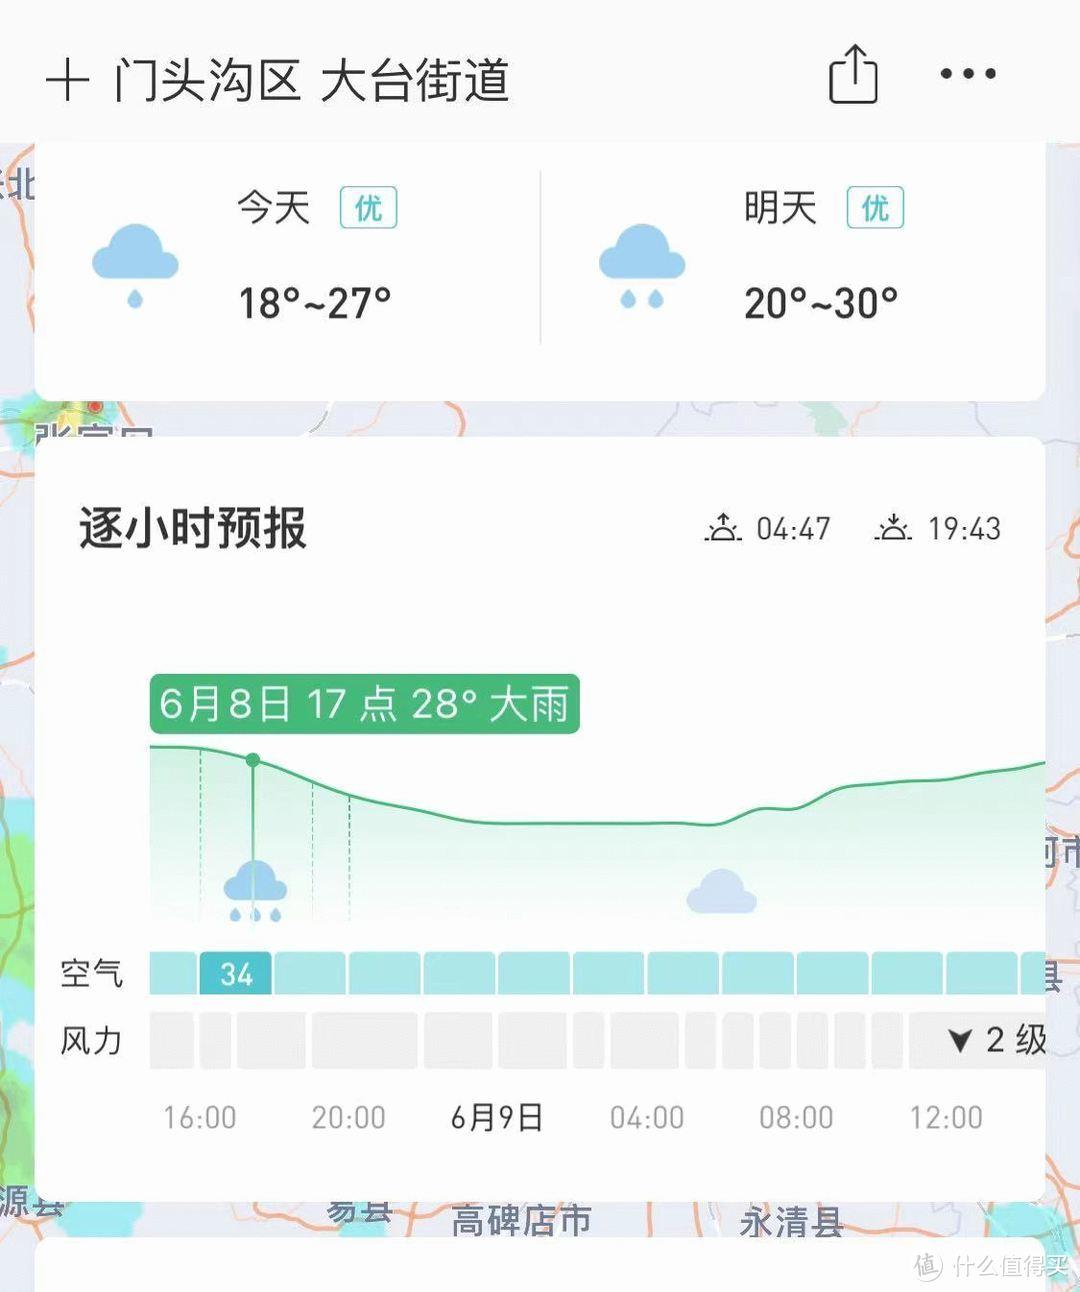 推荐用彩云天气这种能看的比较细致的天气App